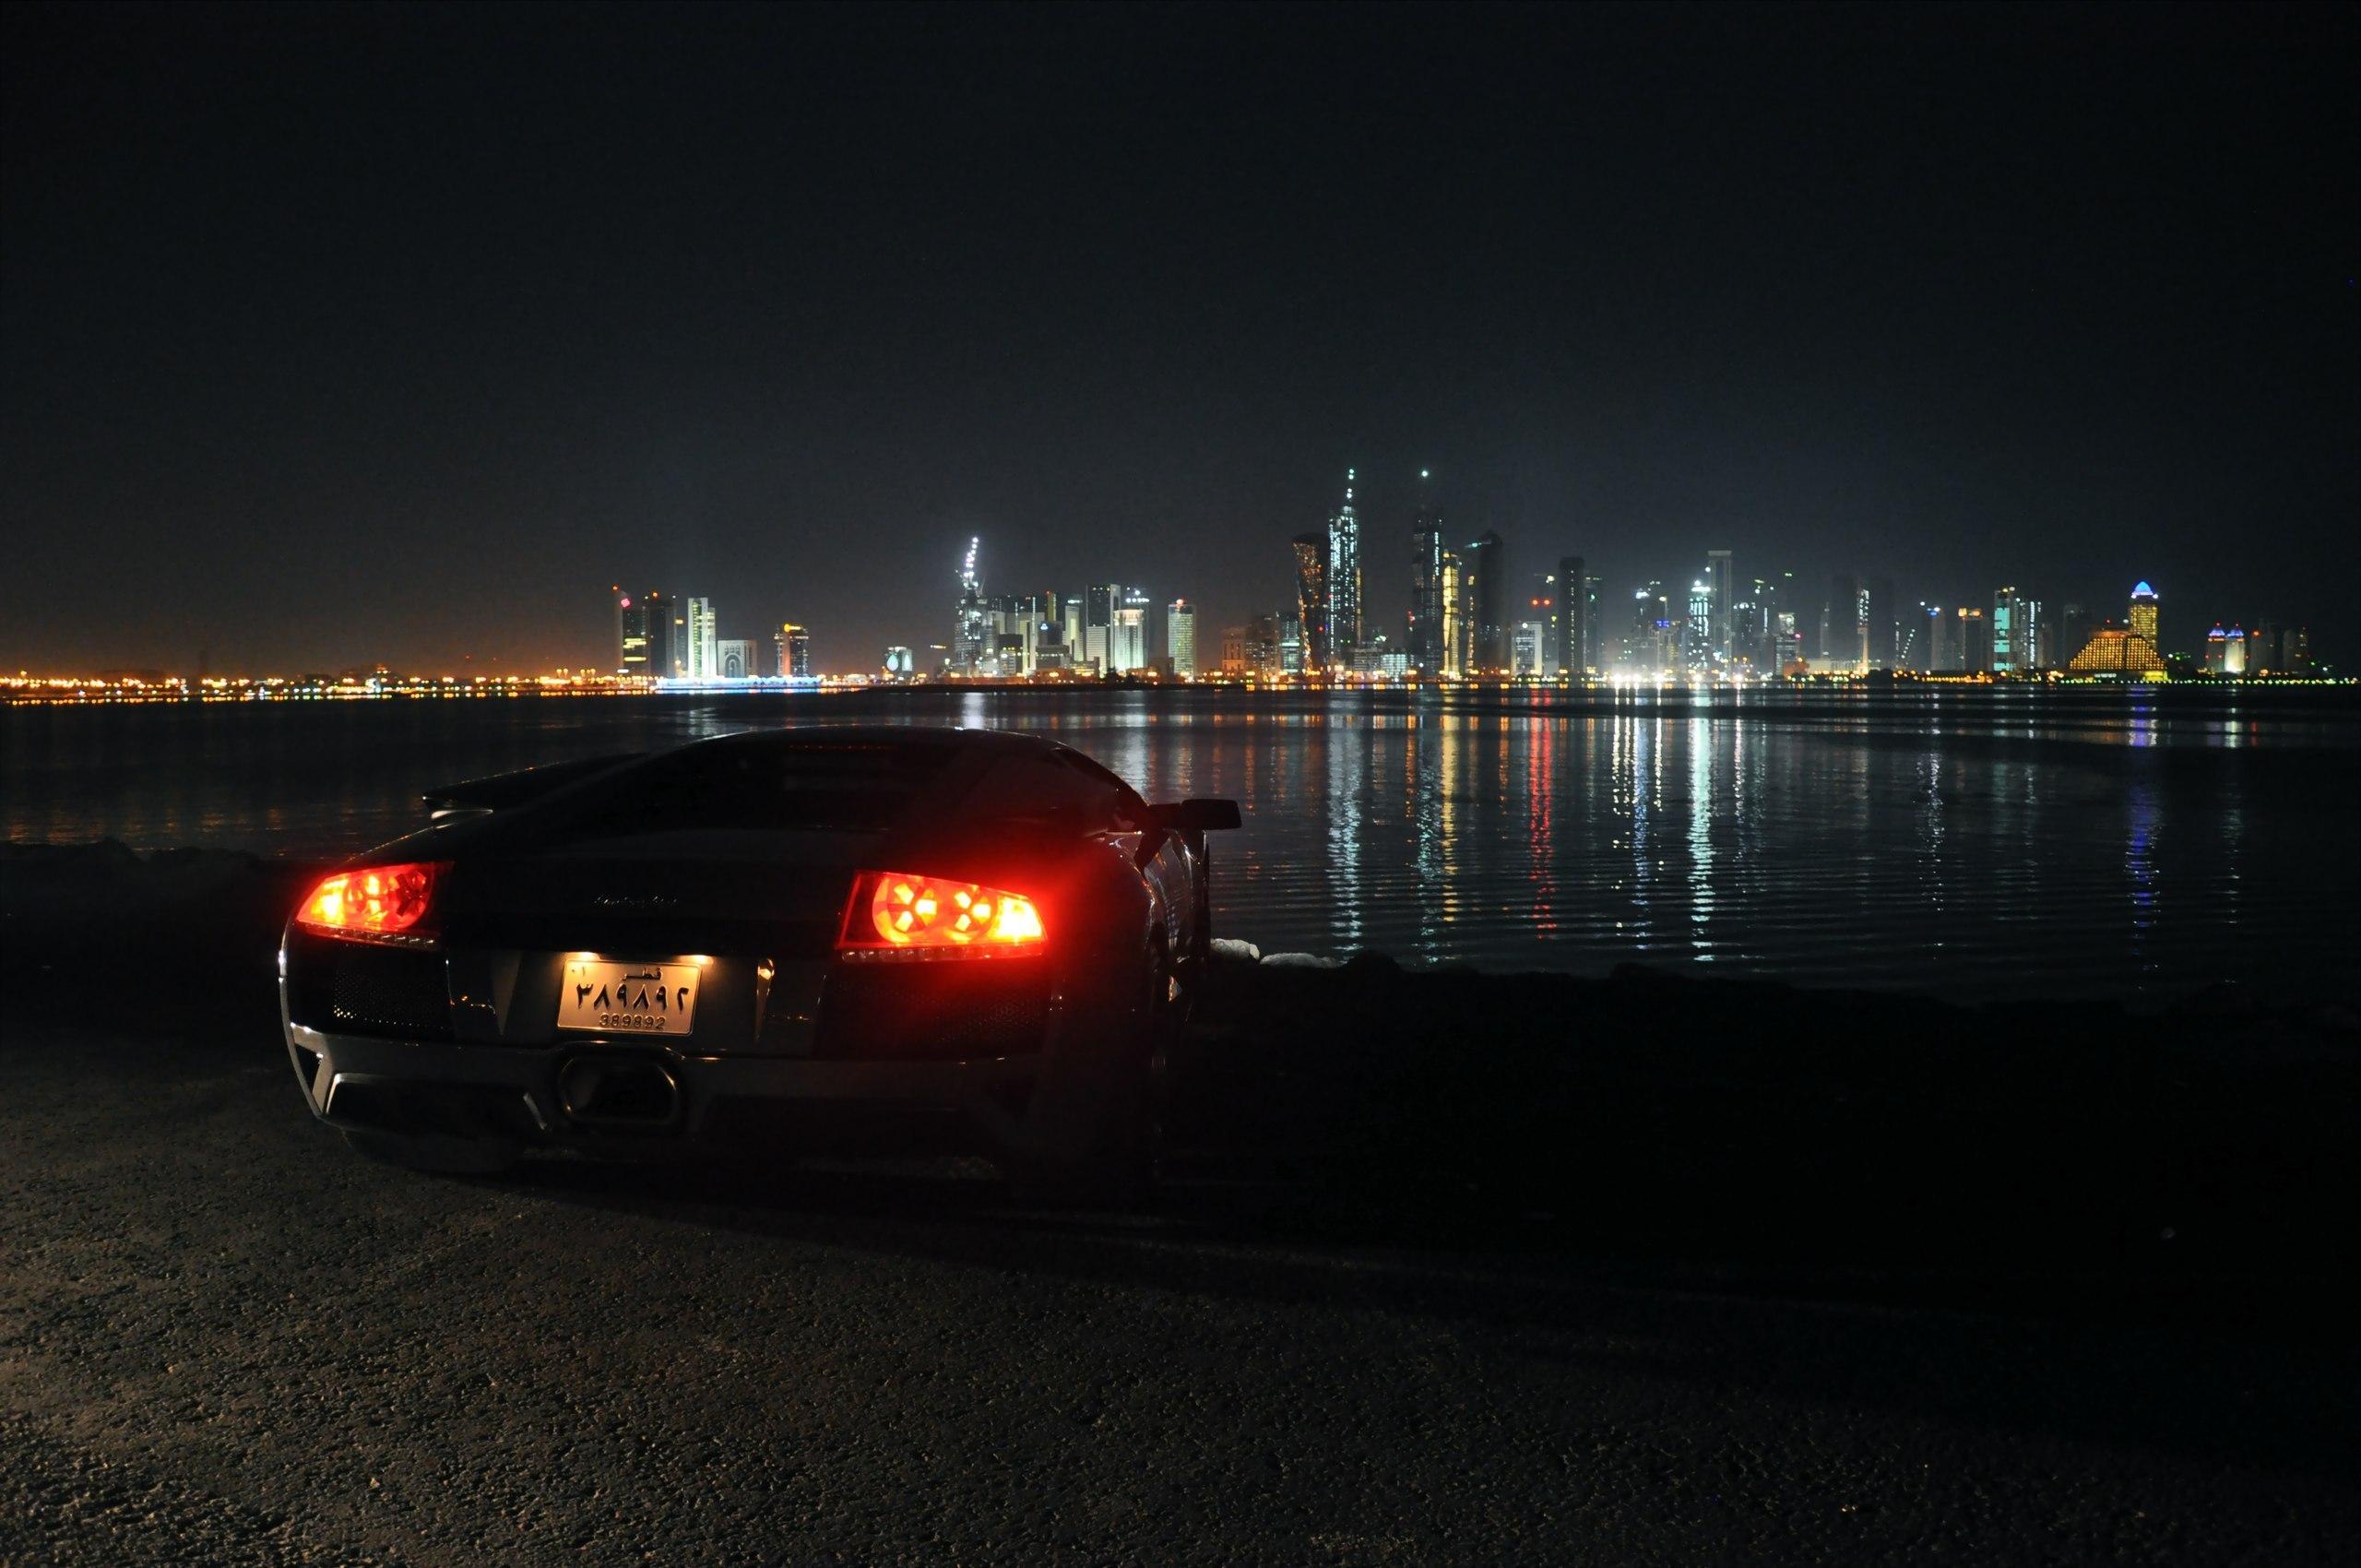 Машины в ночном городе картинки